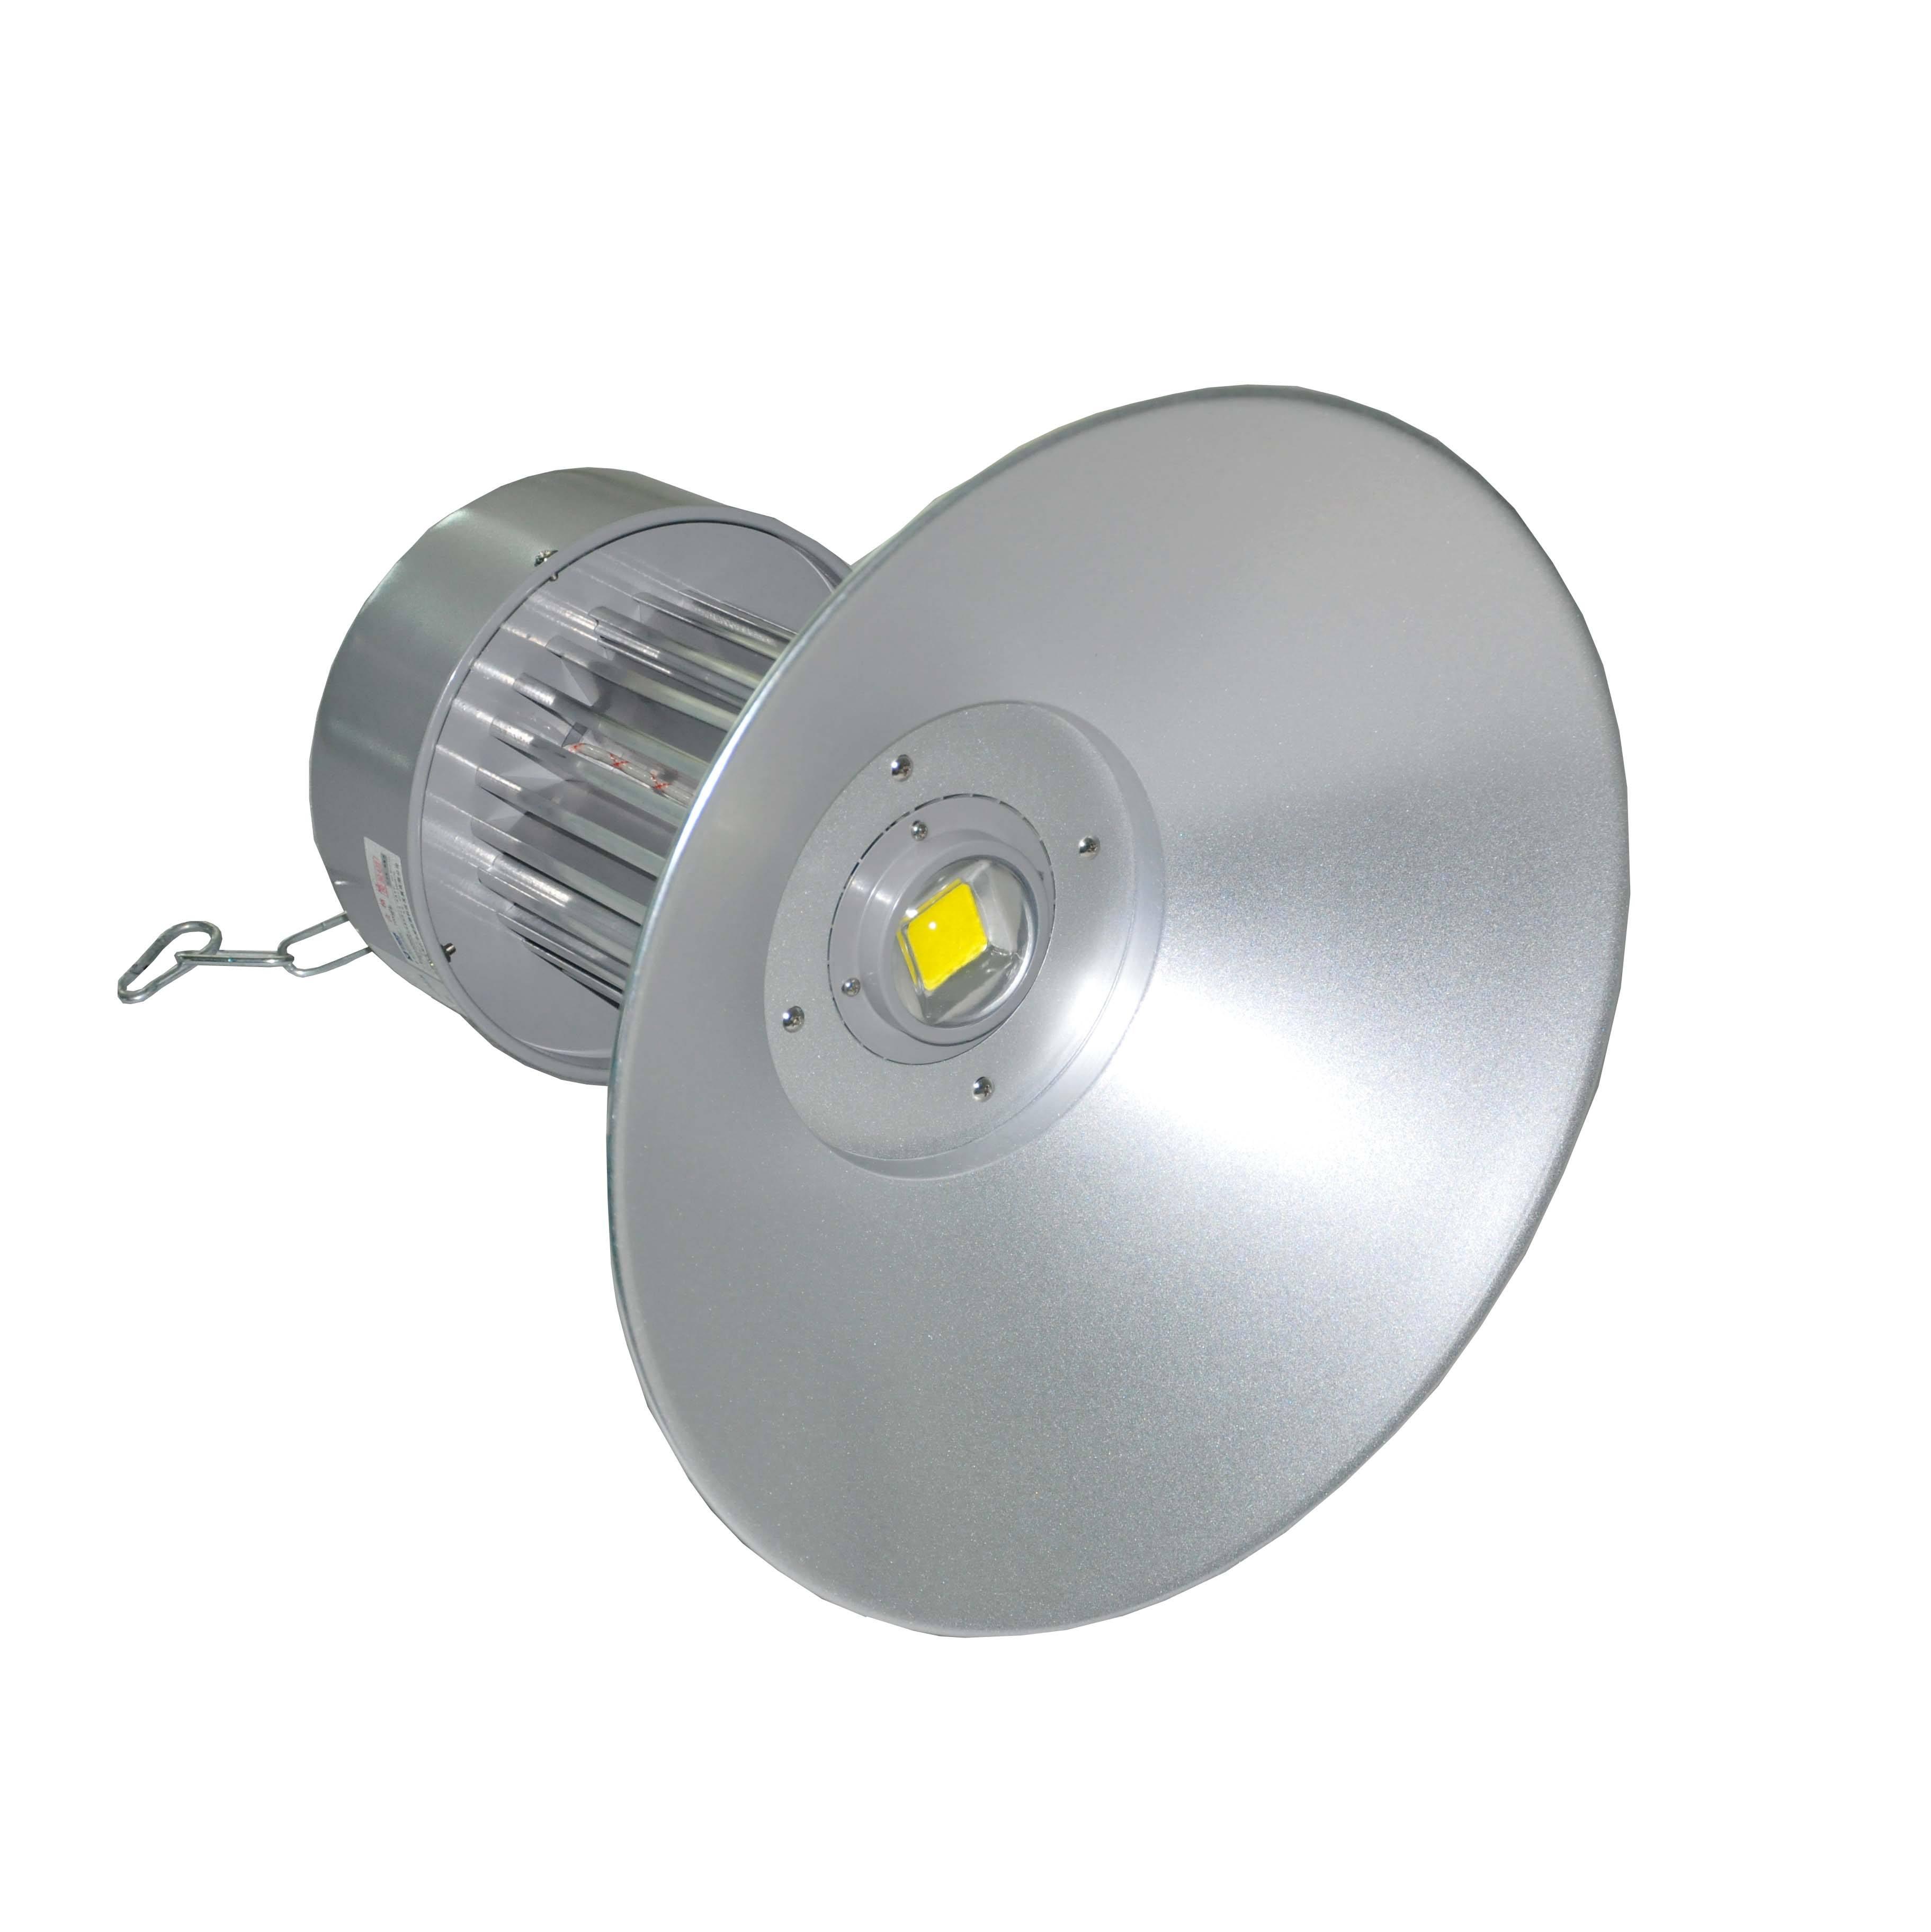 珠海100w仓库工程灯报价 100w集成大功率led节能工矿灯厂家 厂房照明吊装式工厂灯